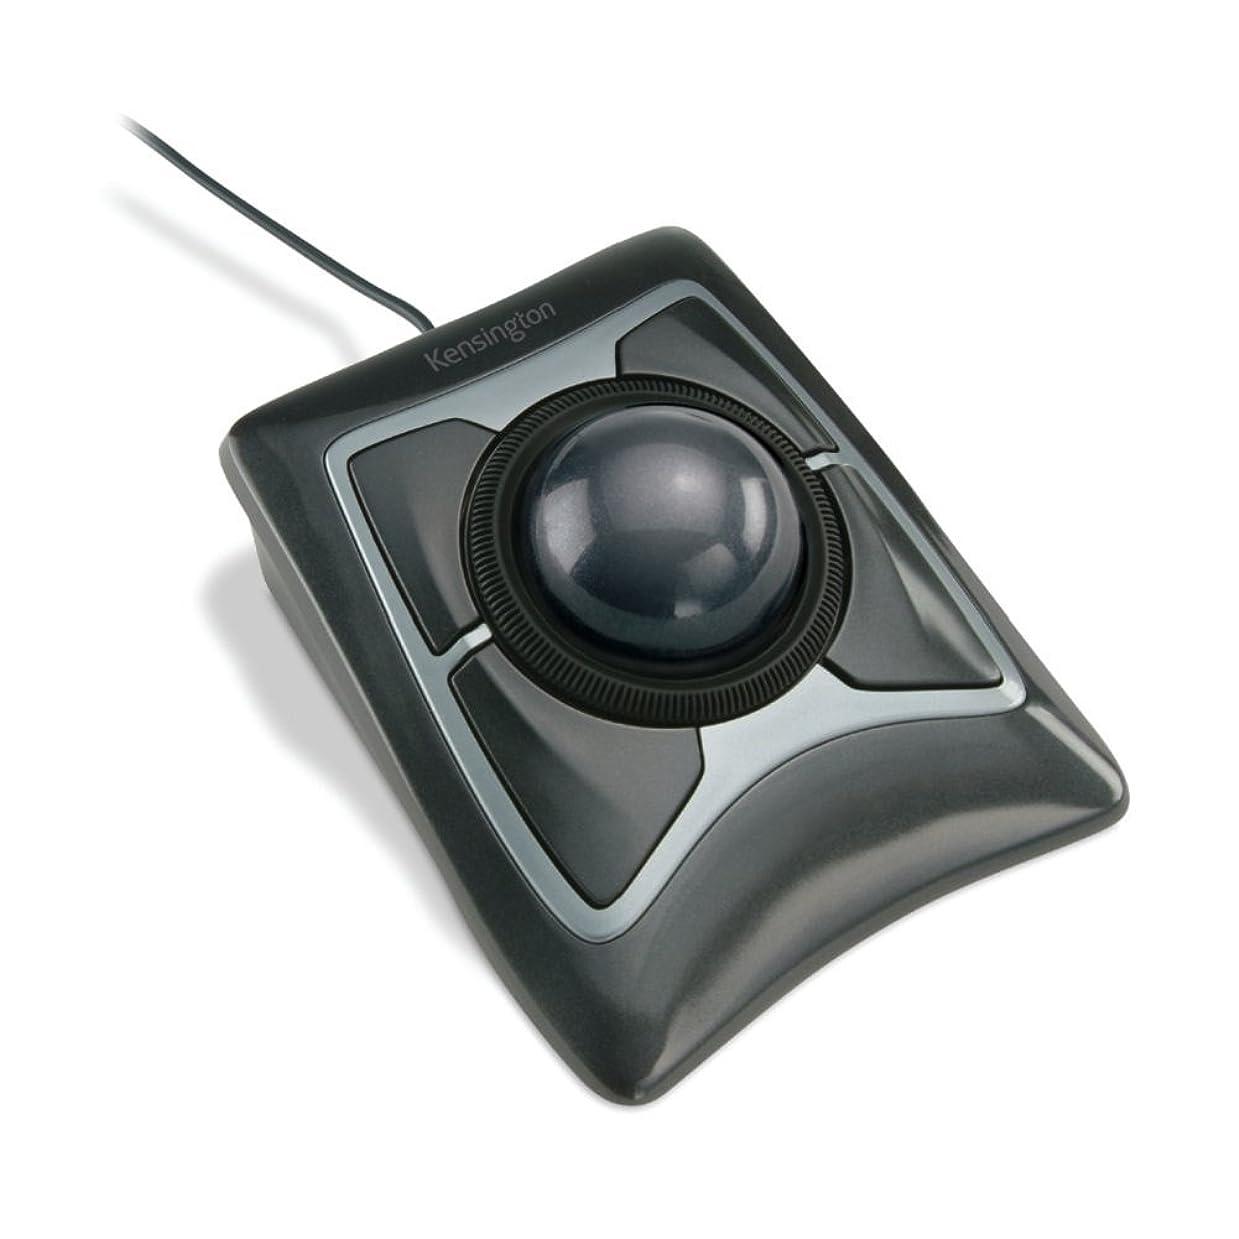 勝利した前任者ピラミッドエレコム 2.4GHzワイヤレスフルキーボード TK-FDM063TBK & エレコム トラックボール(人差し指?中指操作タイプ) M-HT1URXBK セット